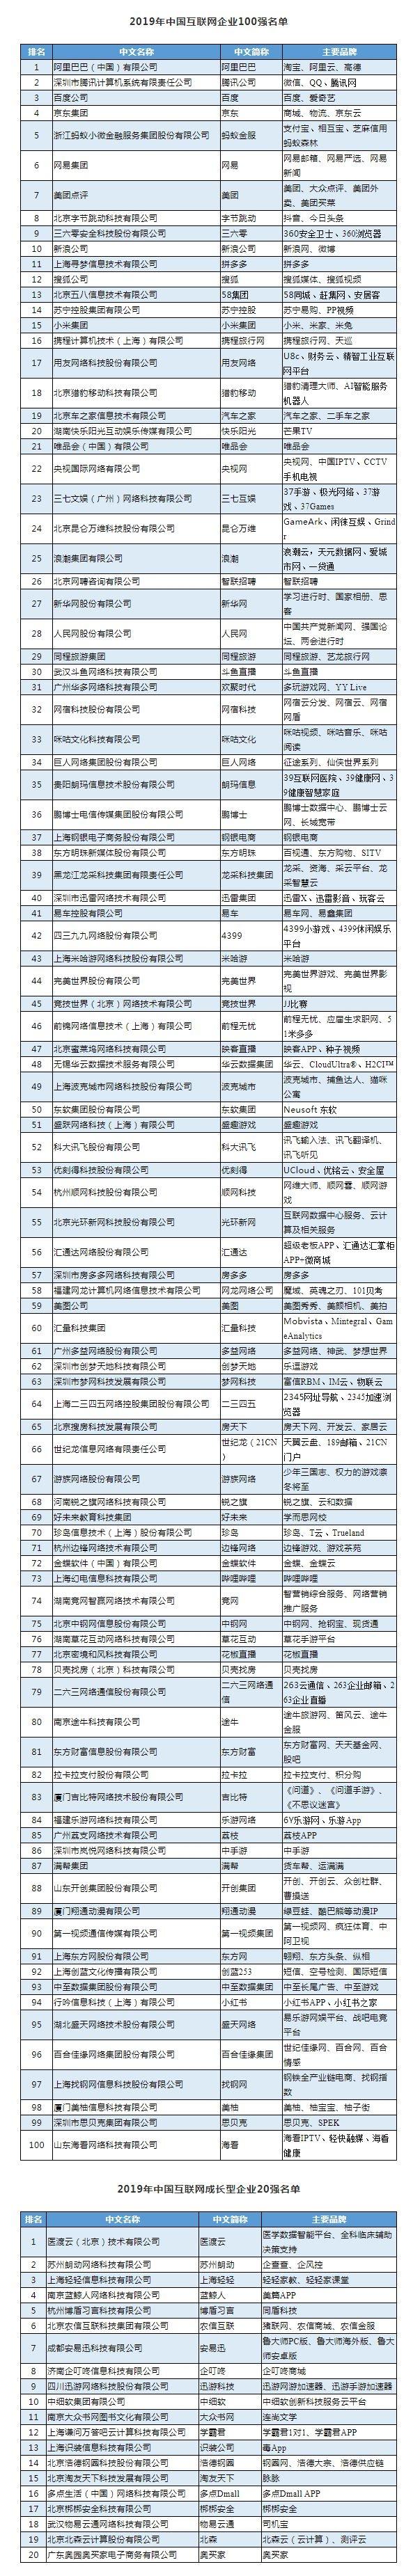 3家湘企上榜2019年中国互联网企业10...